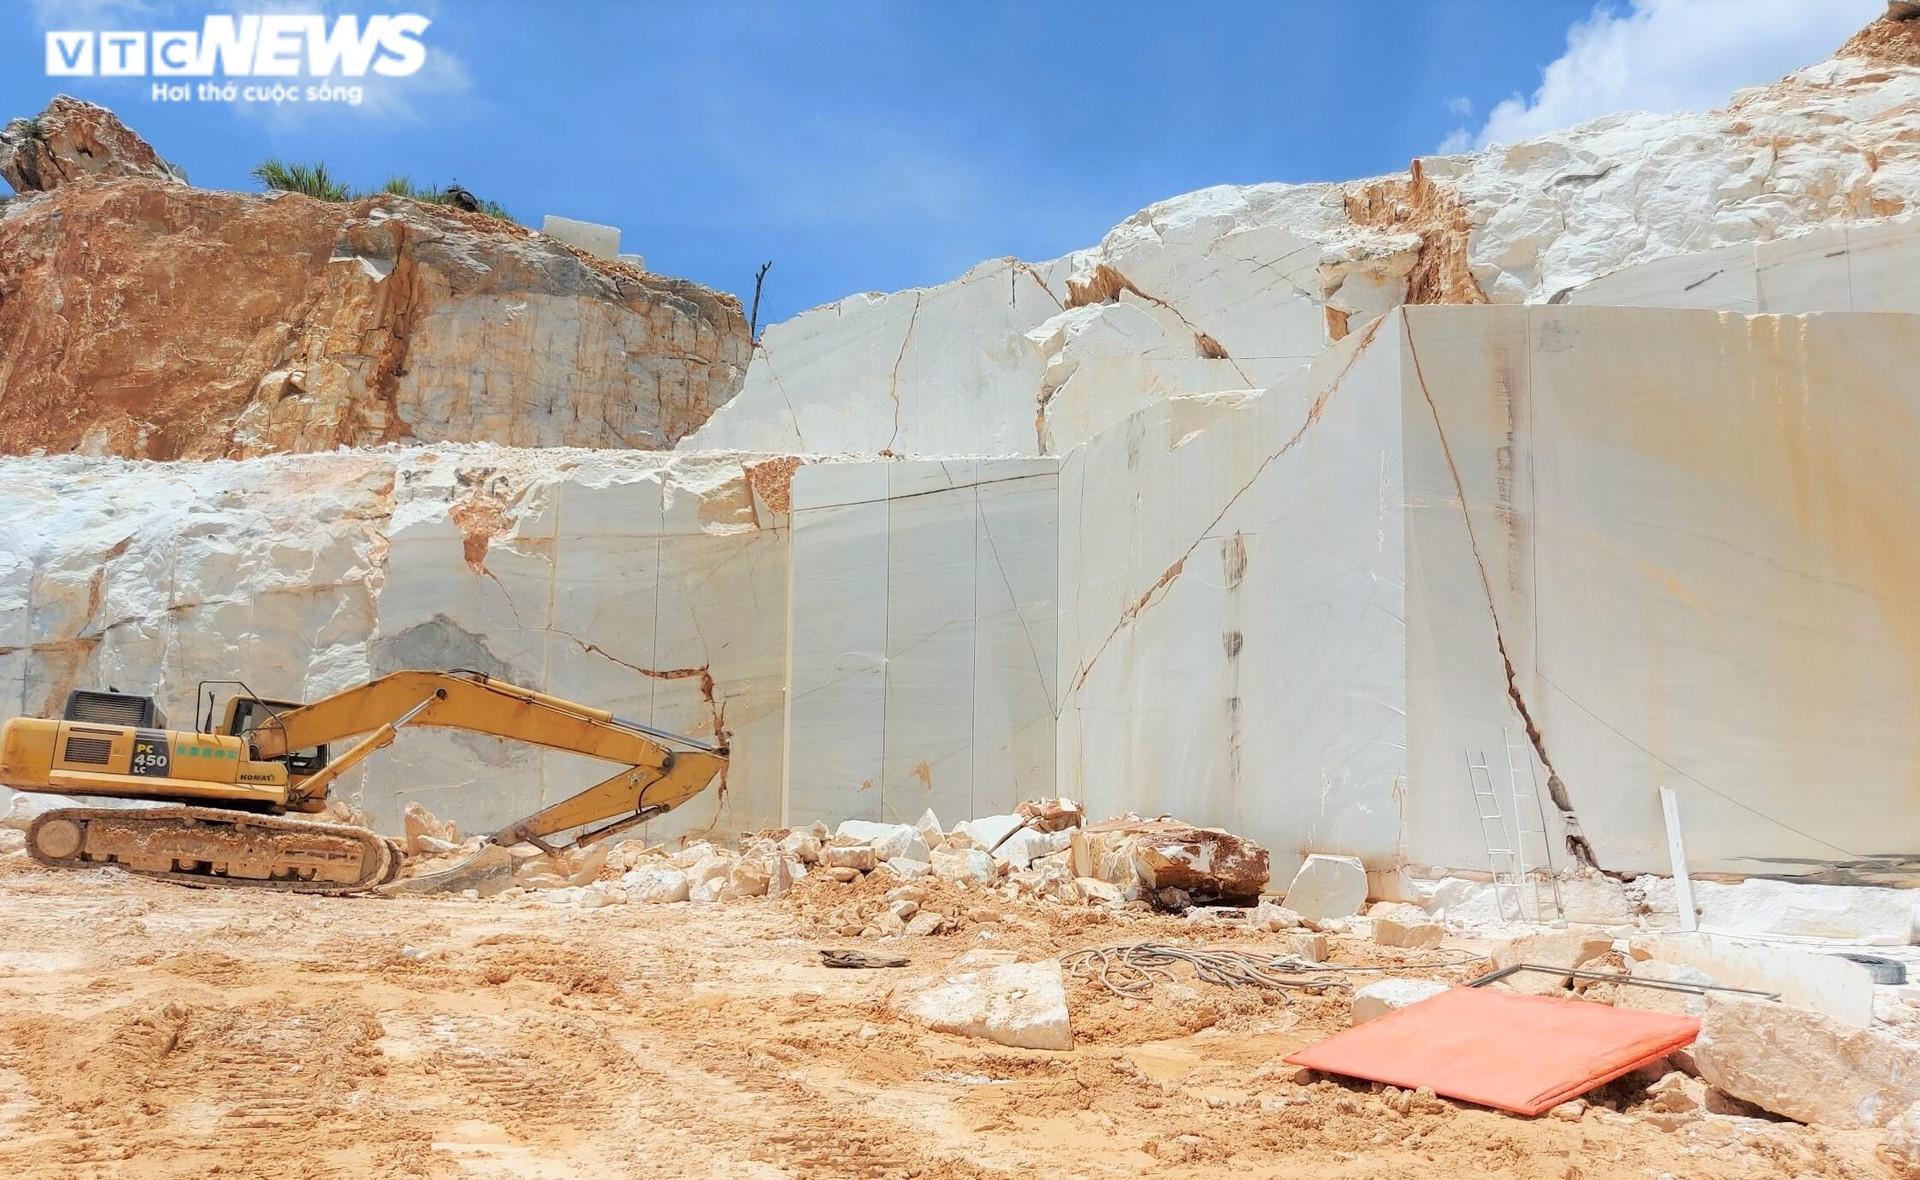 Tan hoang hiện trường khai thác trái phép đá trắng ở Nghệ An - 2